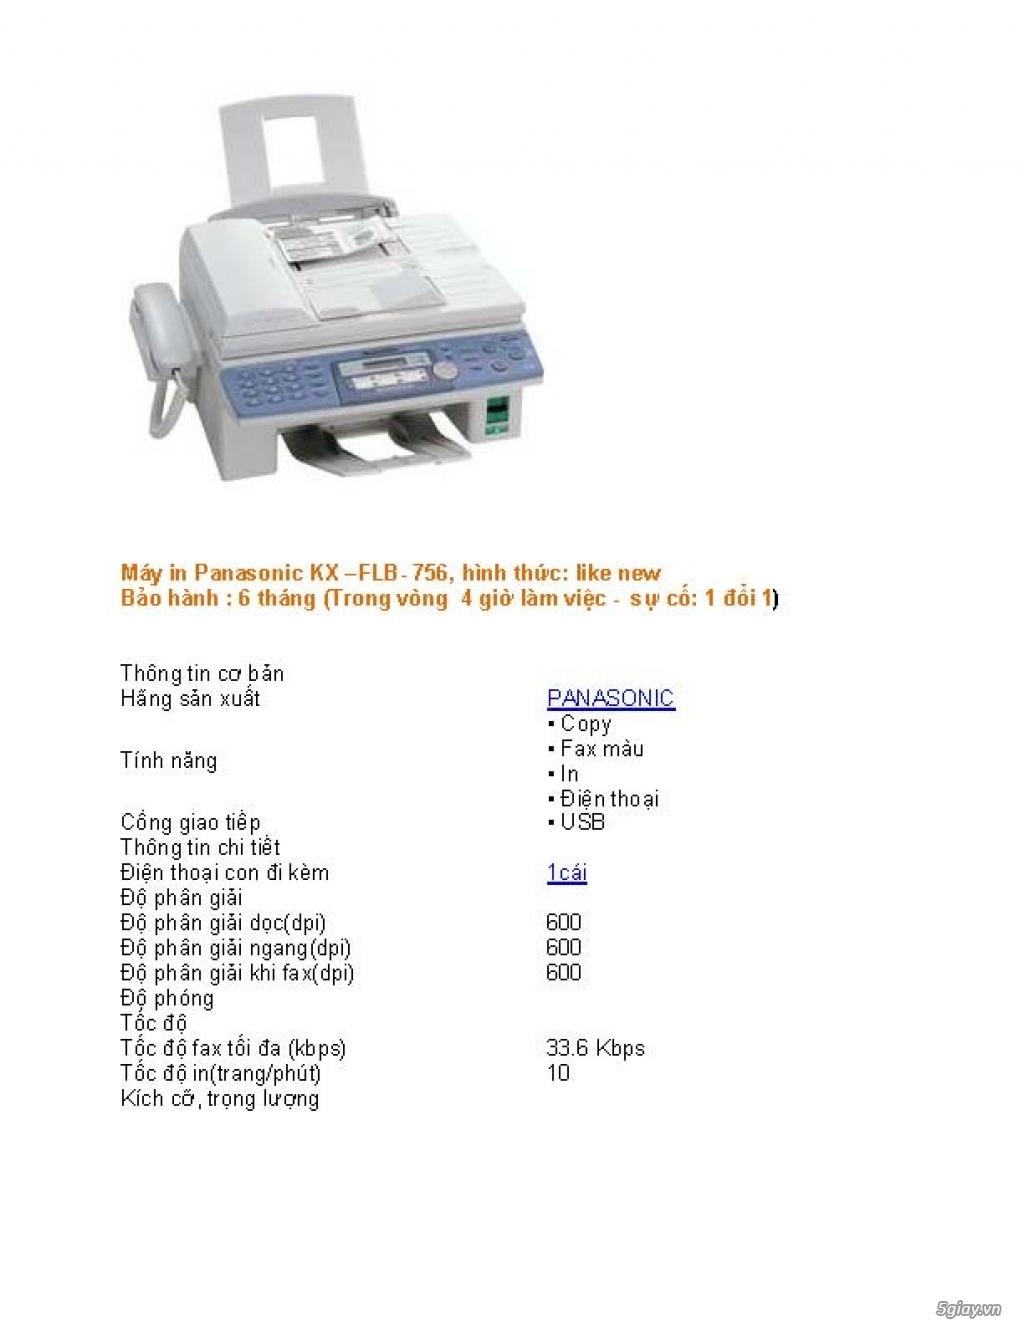 Sửa chữa Bộ Đàm,Máy Fax,Tổng Đài - 3